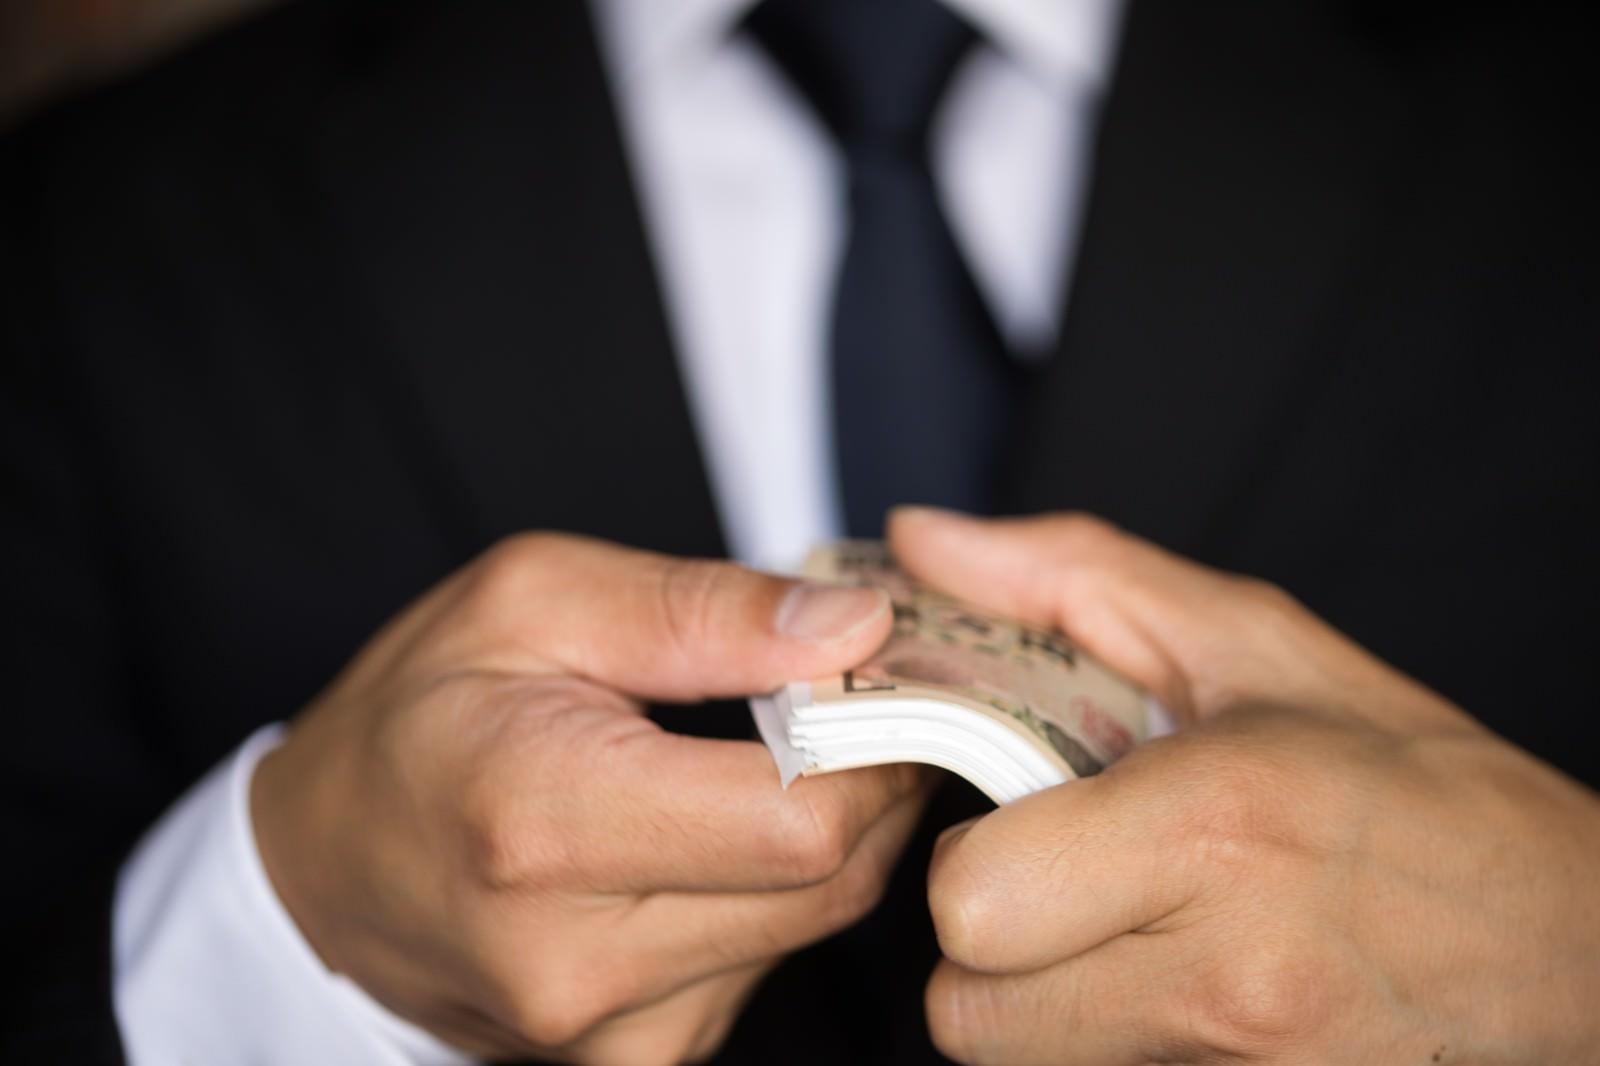 「札束を見せつけるも、どう見ても1万円札束を見せつけるも、どう見ても1万円」のフリー写真素材を拡大